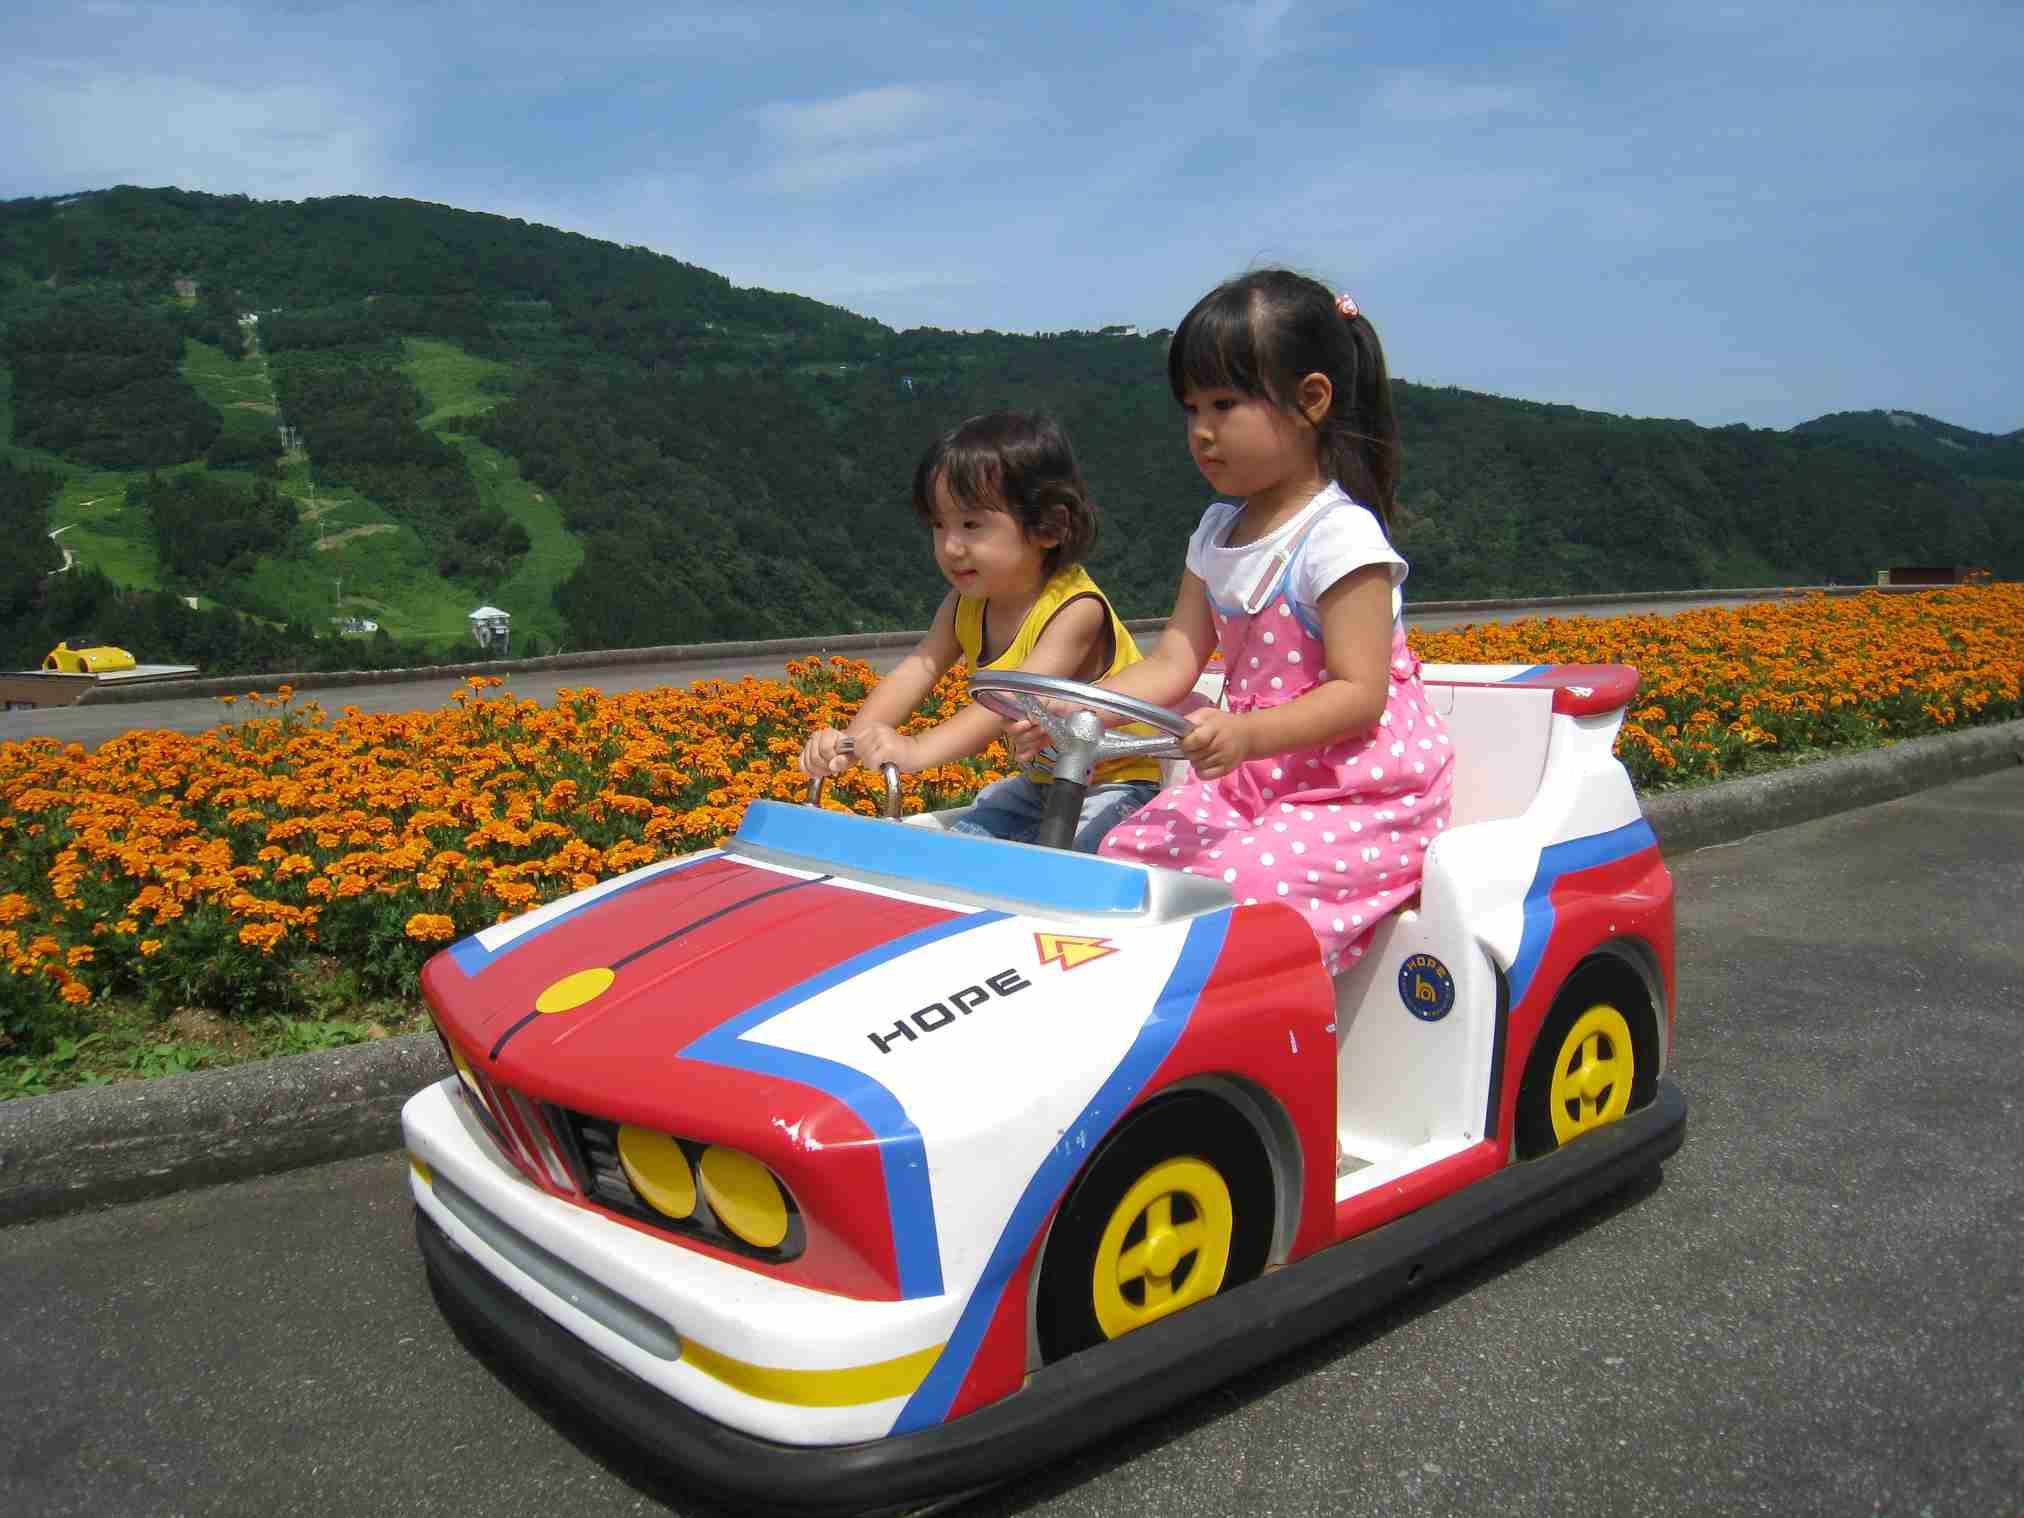 ペーパードライバーにオススメの車って何ですか?